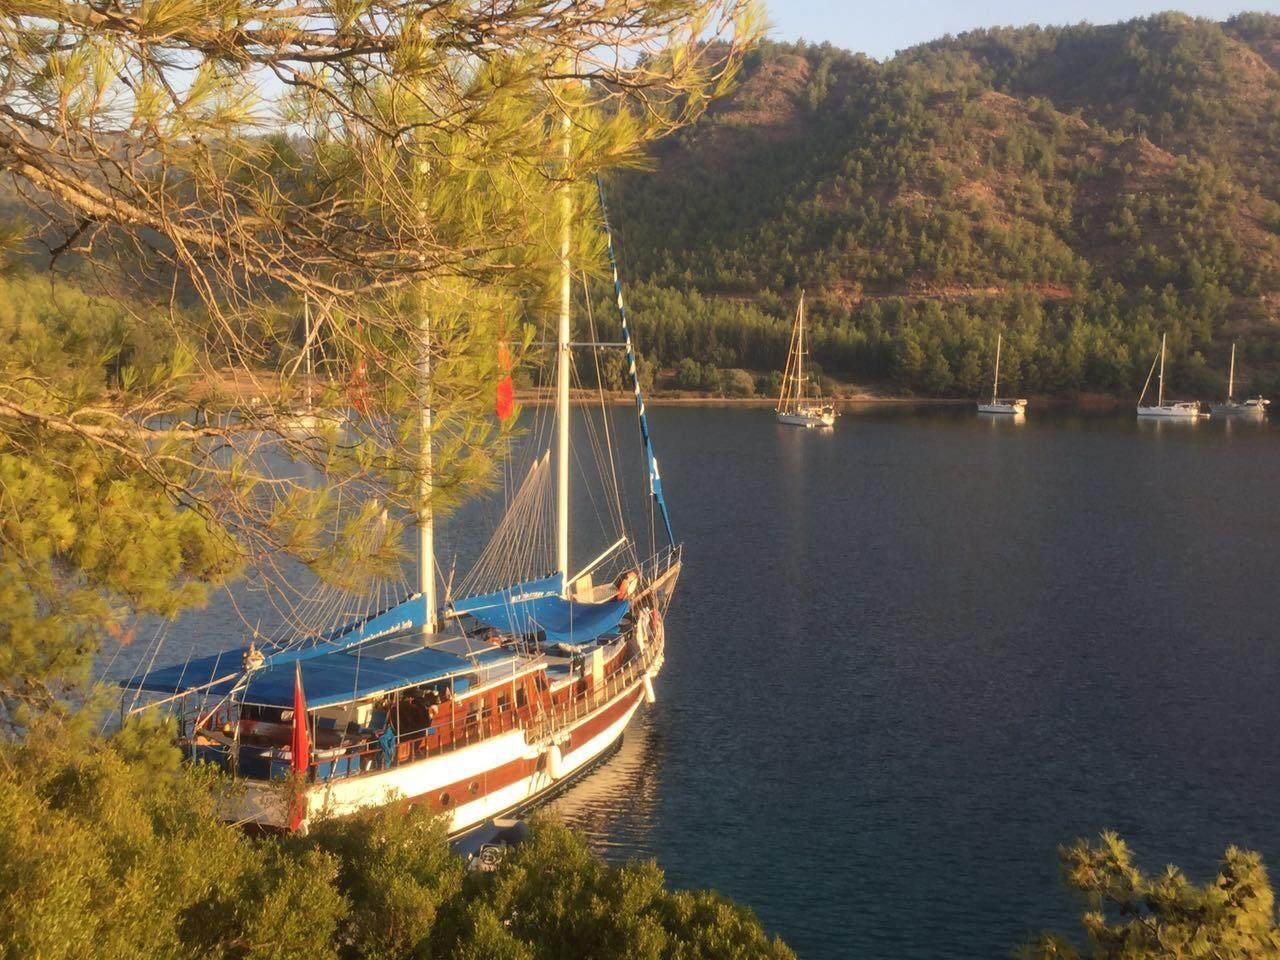 Kiralık Klimalı Ekonomik Gulet MySym (7 kabin 16 kişilik) ile haftalık Mavi Tur